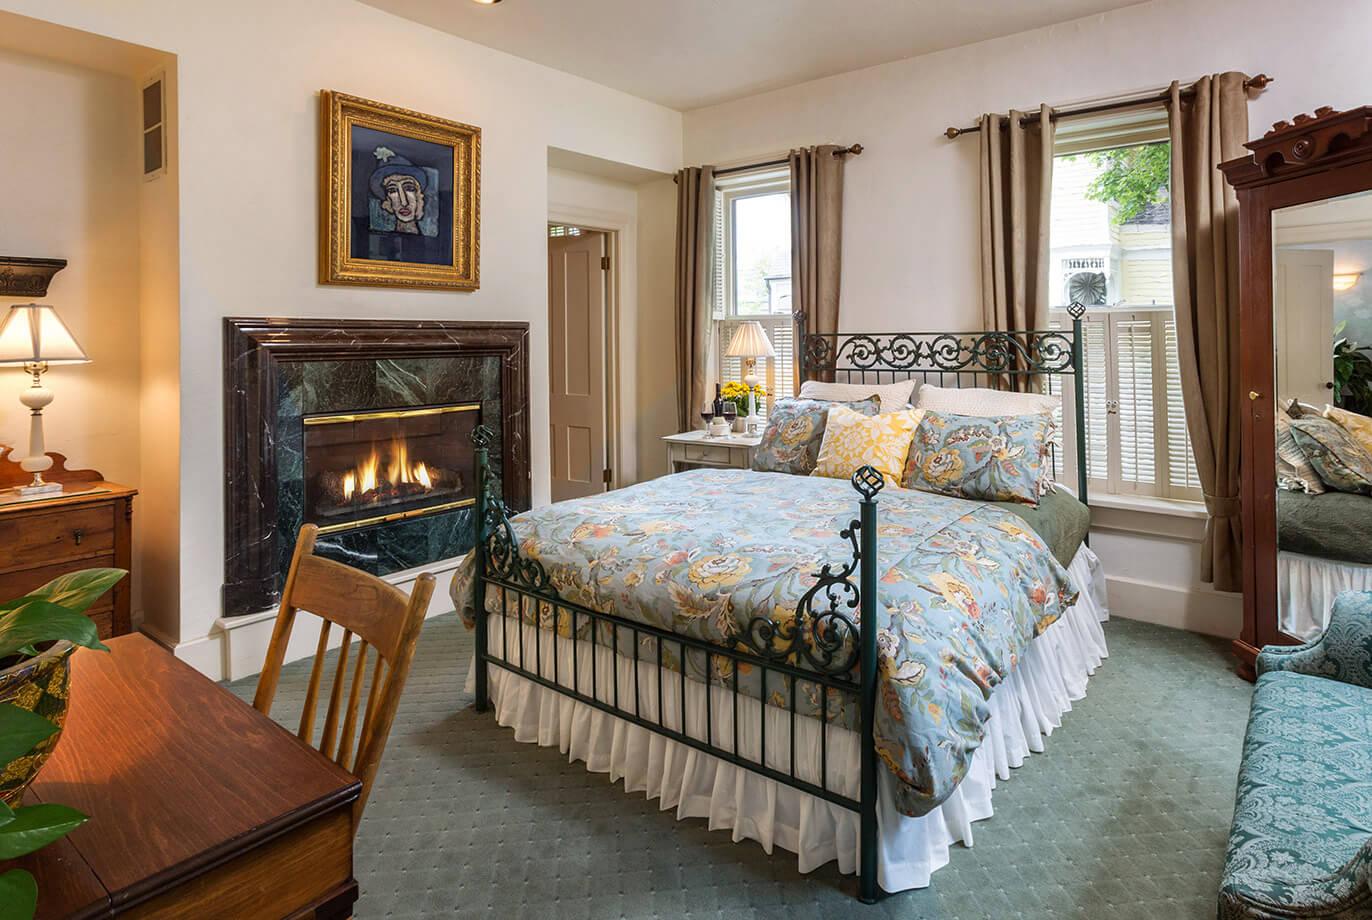 Schroeder Guest House Room 3 - Adeline Lehman